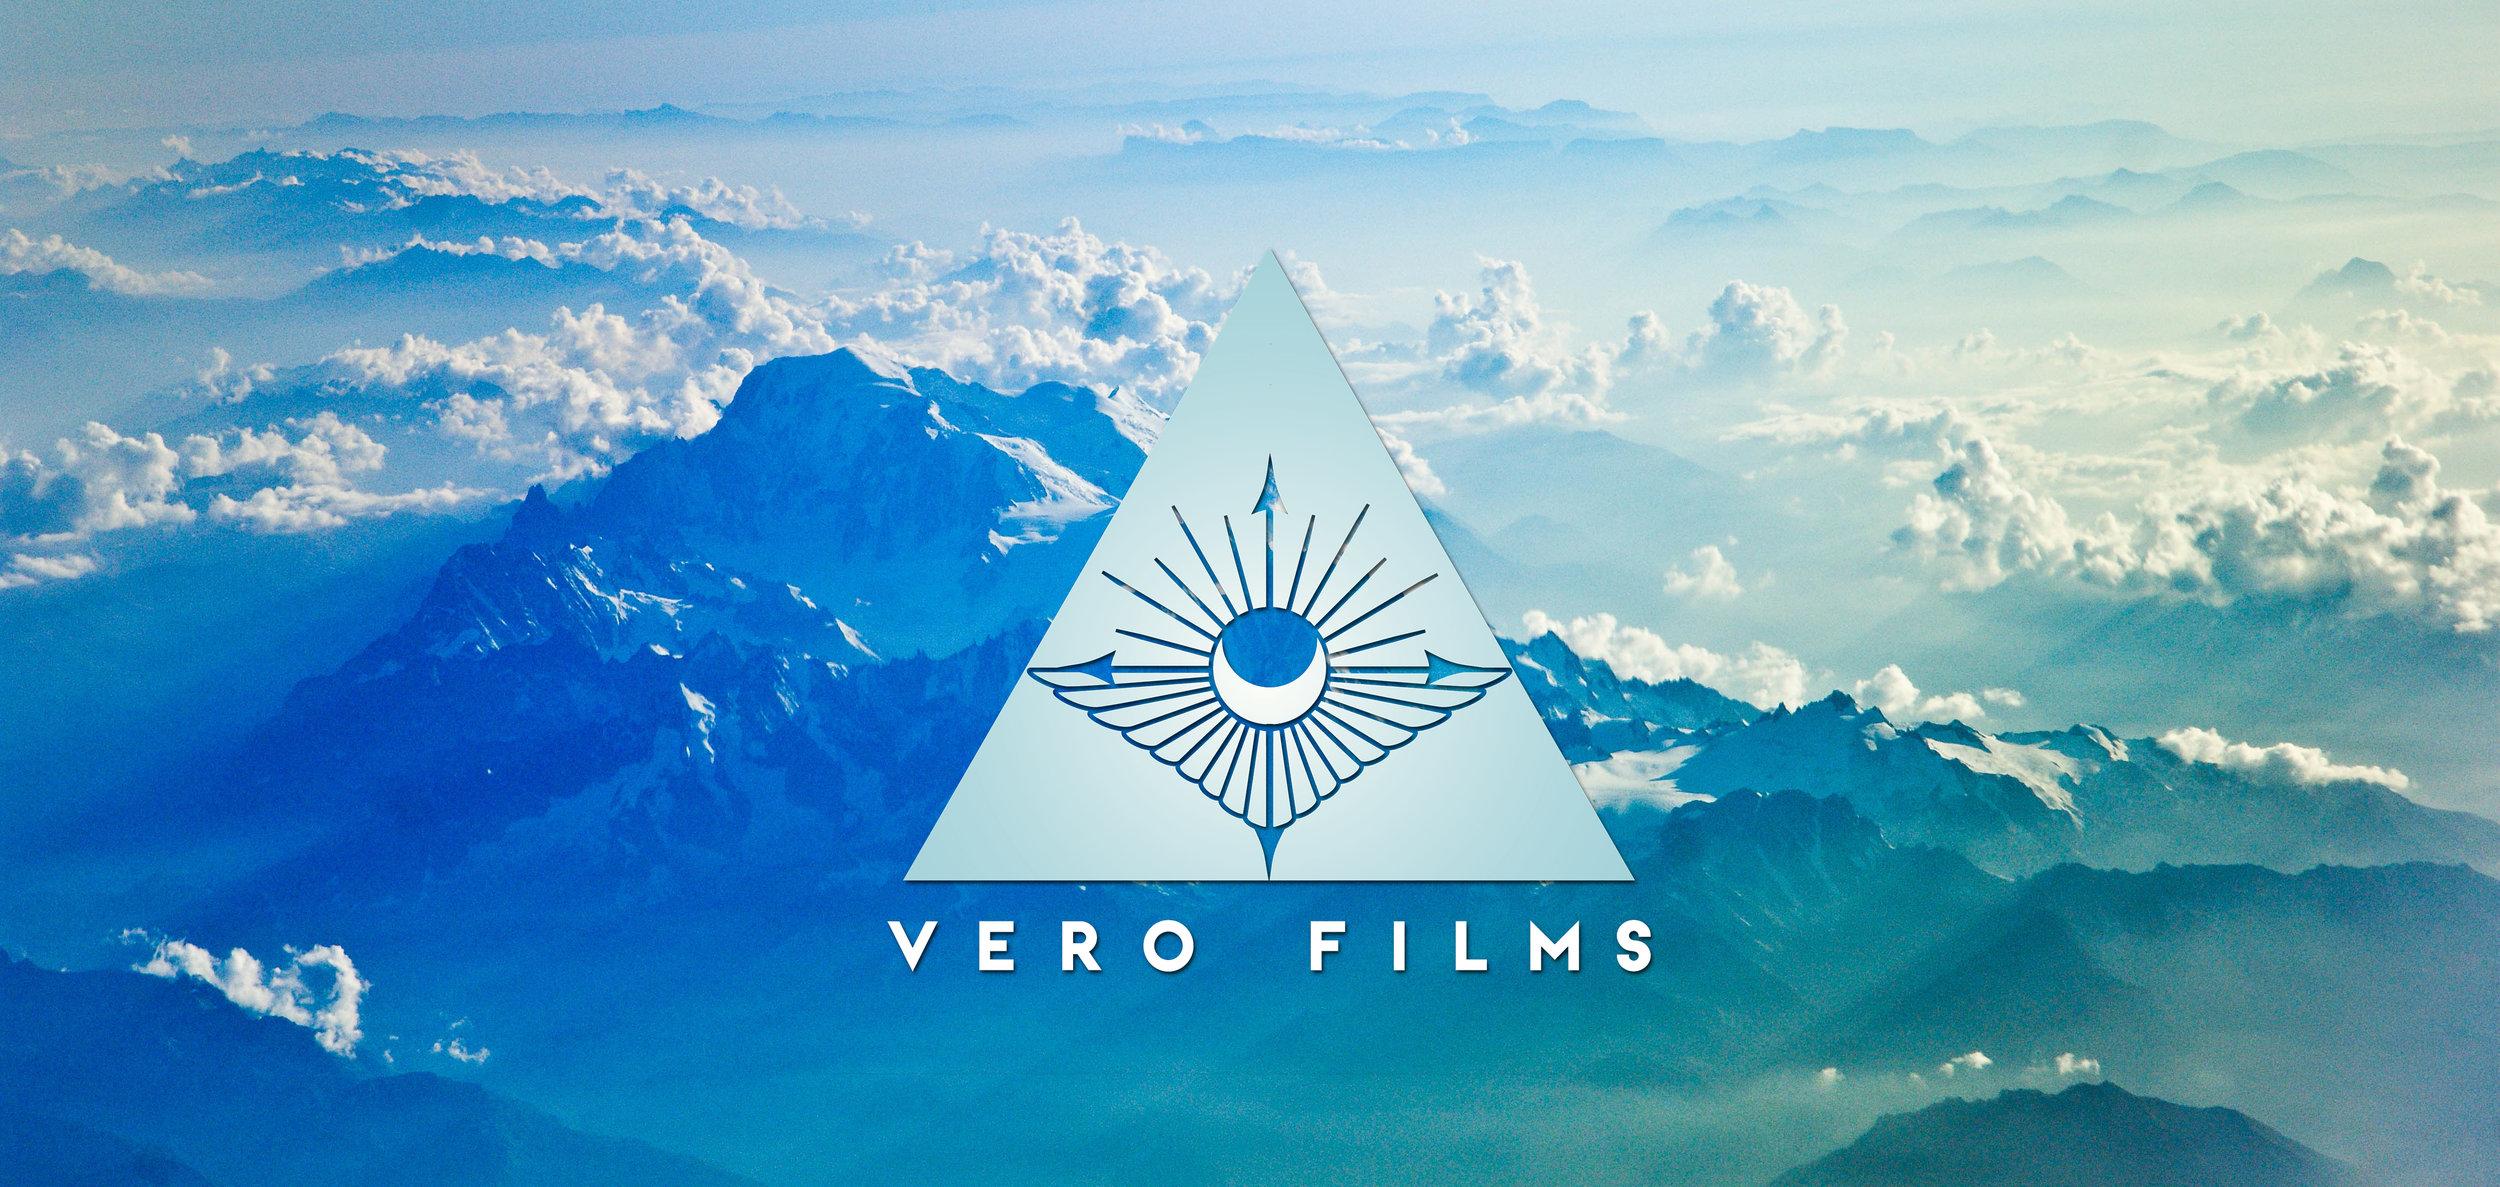 vero_films_verofilms_vitantonio_spinelli